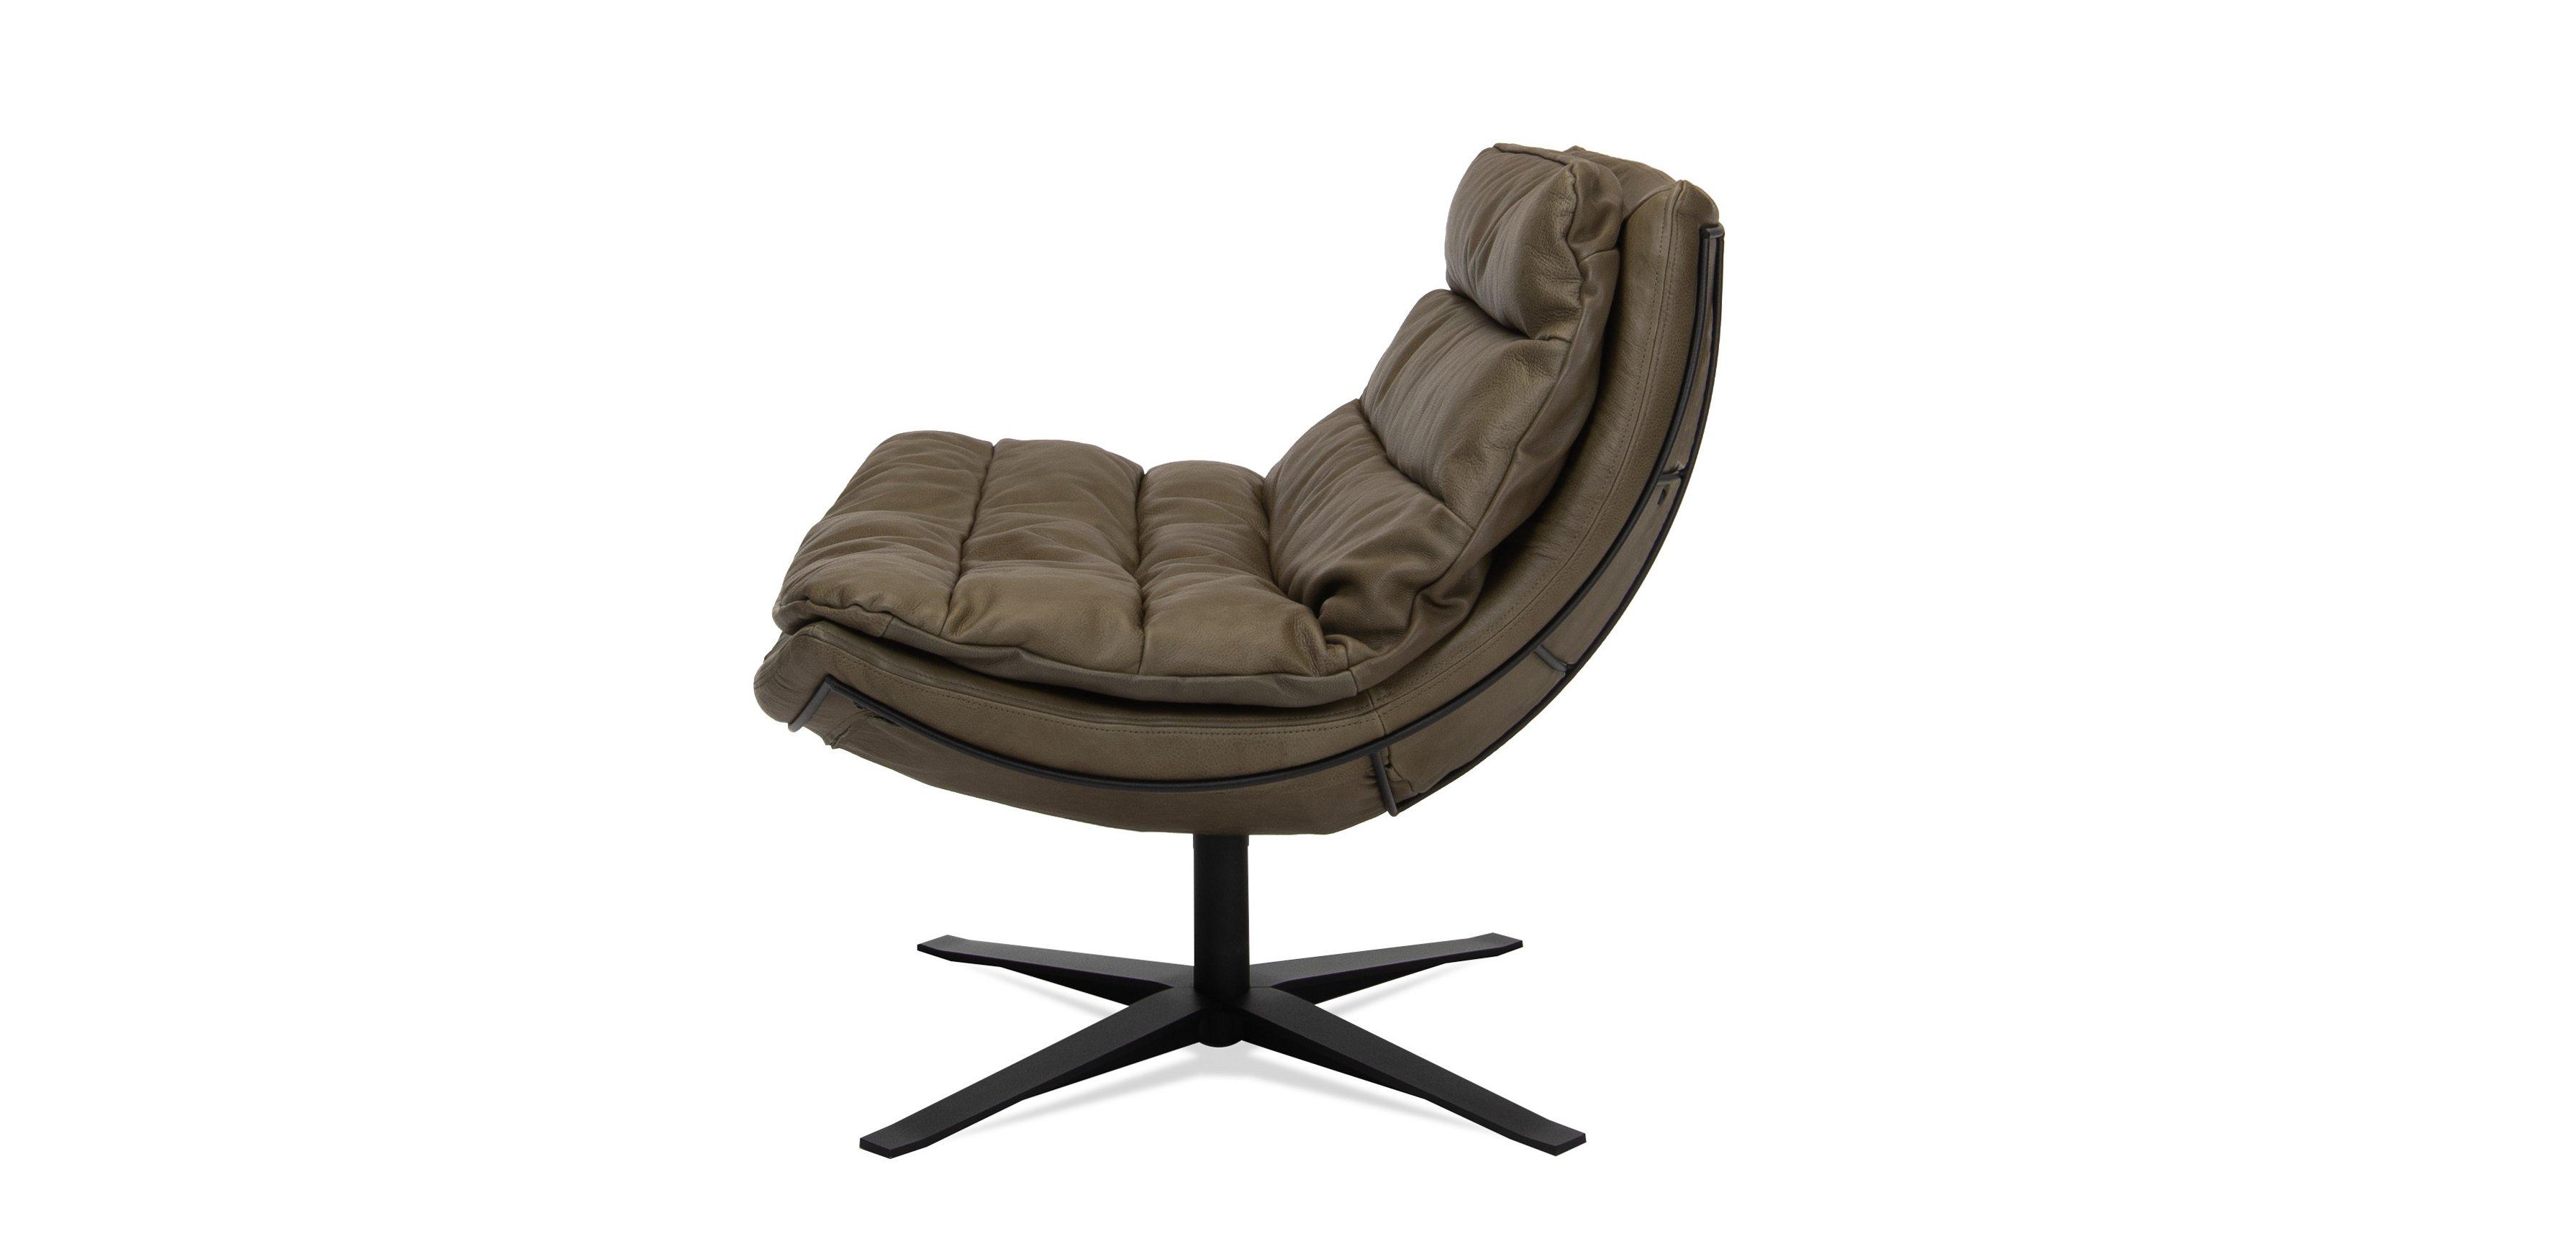 Kameraad fauteuil DYYK 5